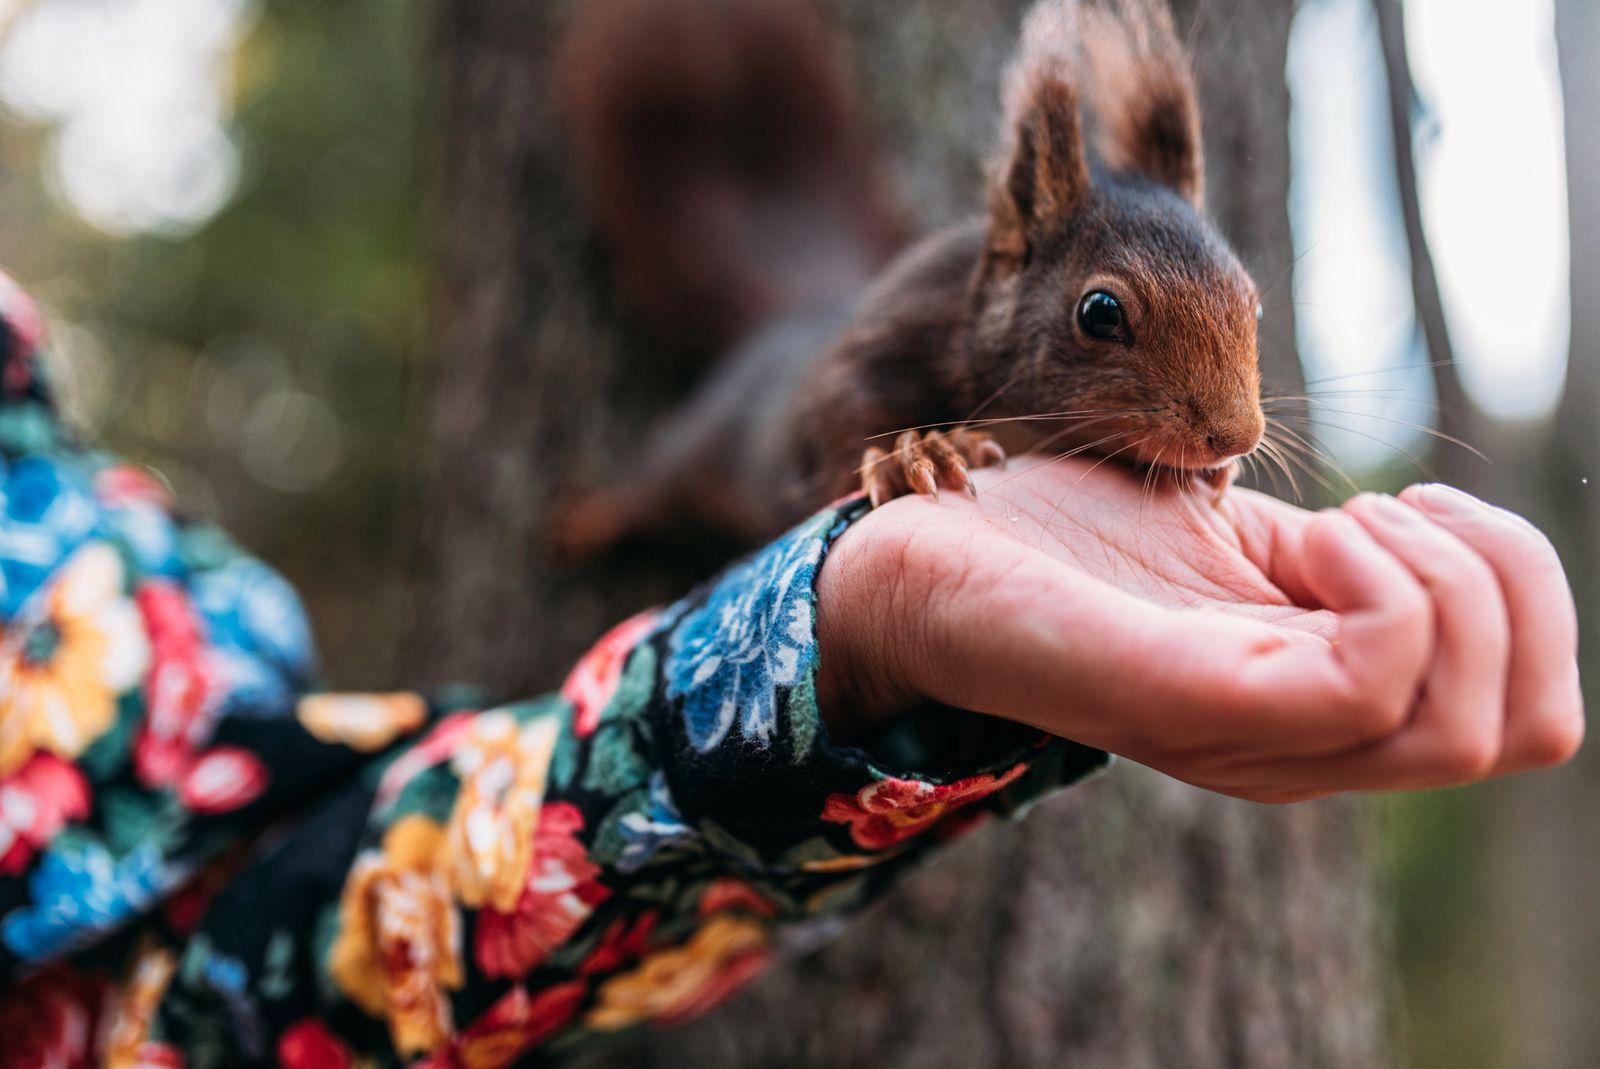 Girl Feeding Squirrel.